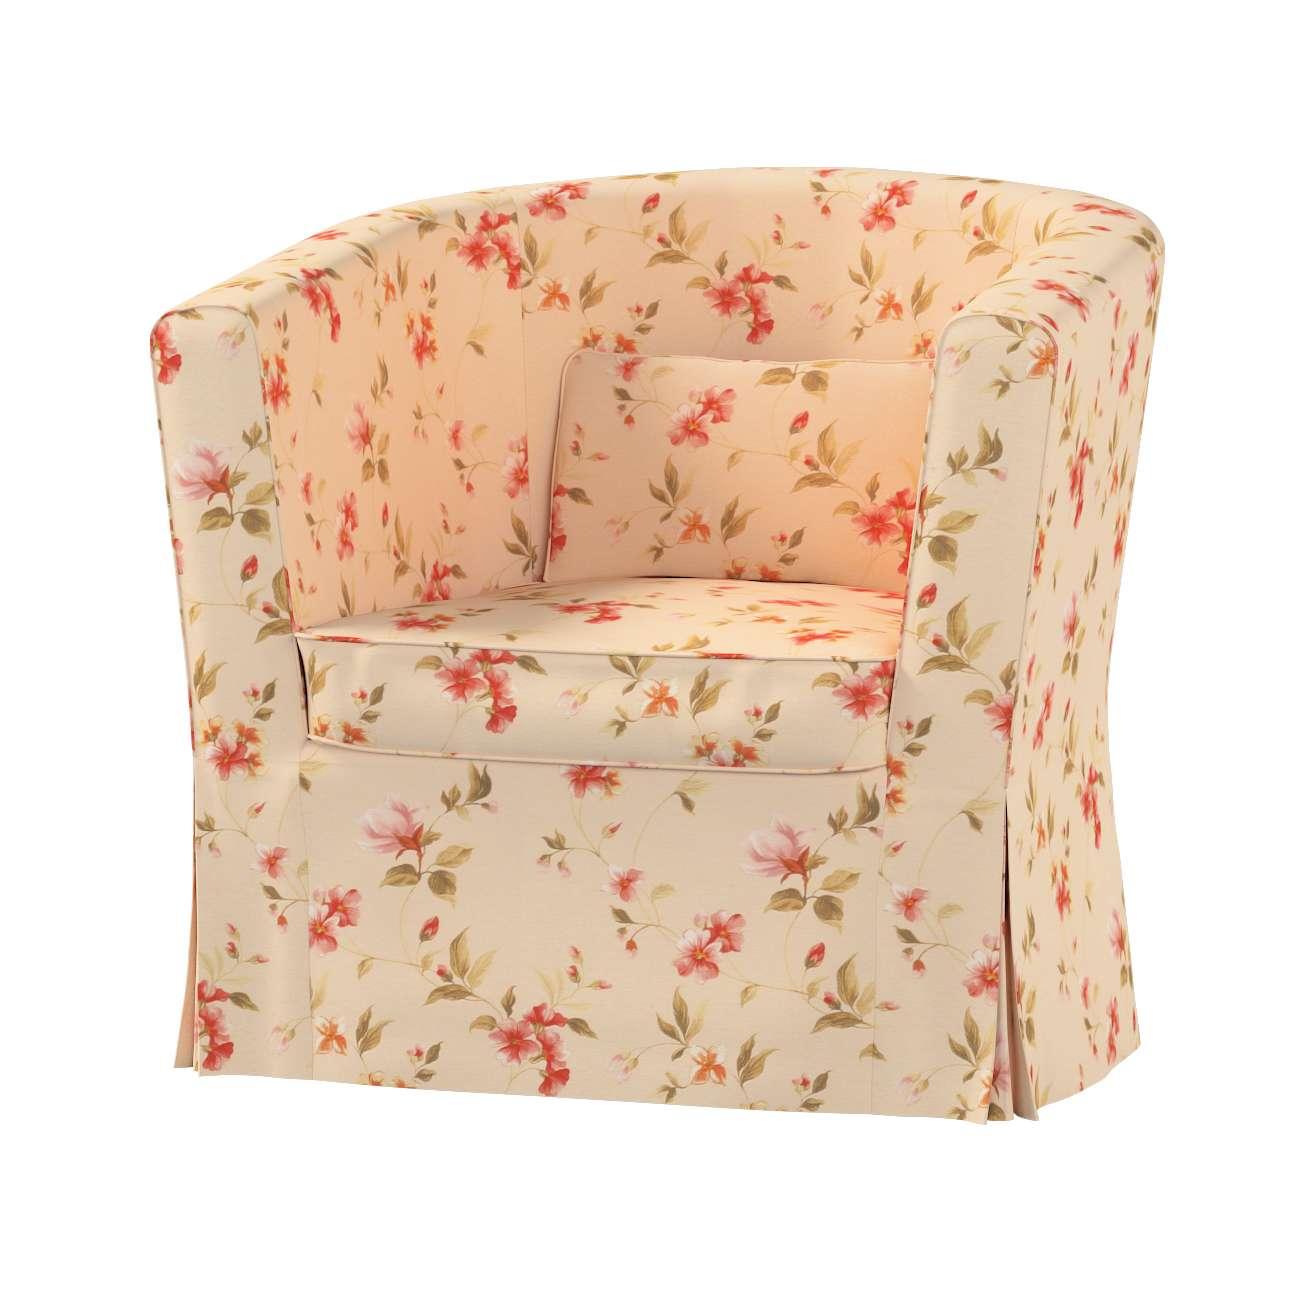 Ektorp Tullsta Sesselbezug von der Kollektion Londres, Stoff: 124-05